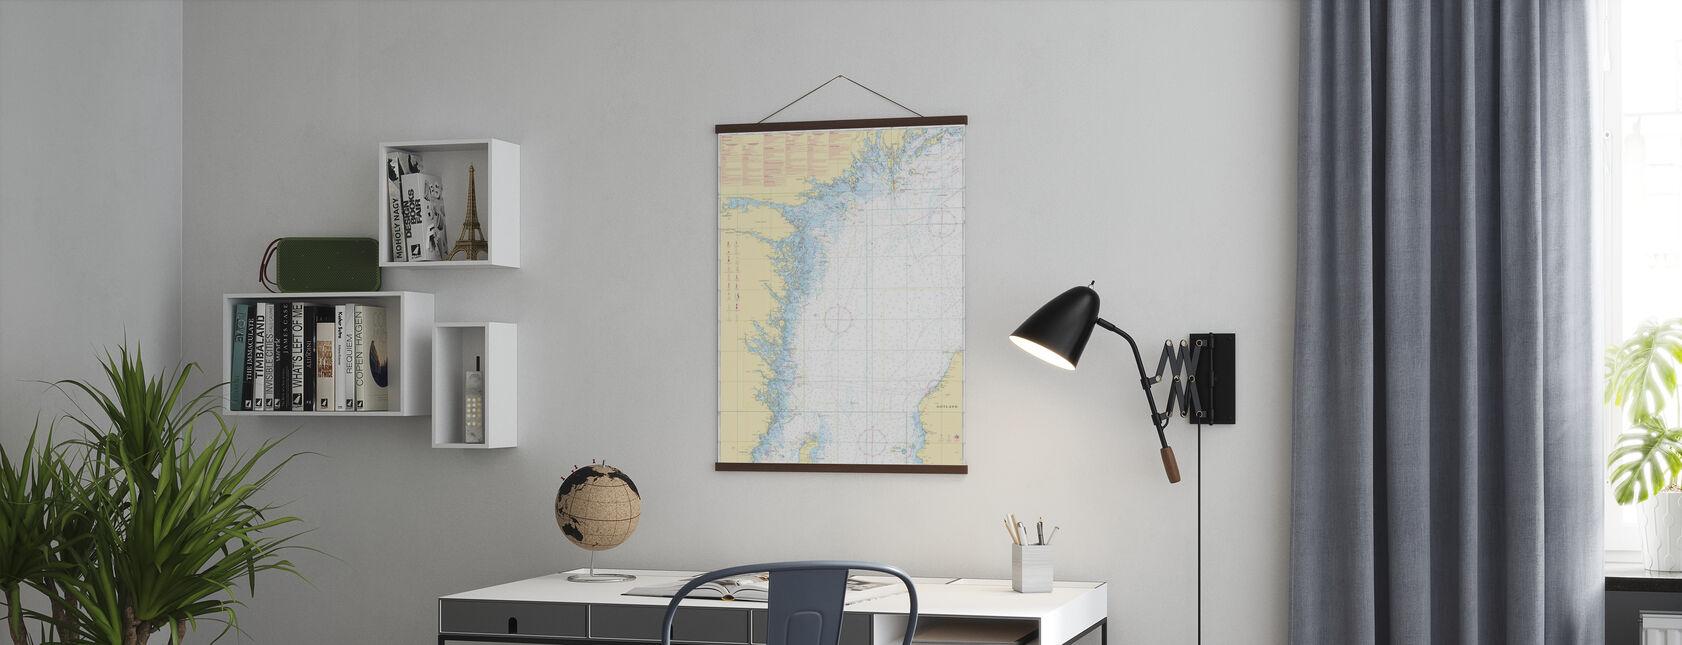 Zeekaart 72 - Oland - Landsort - Poster - Kantoor